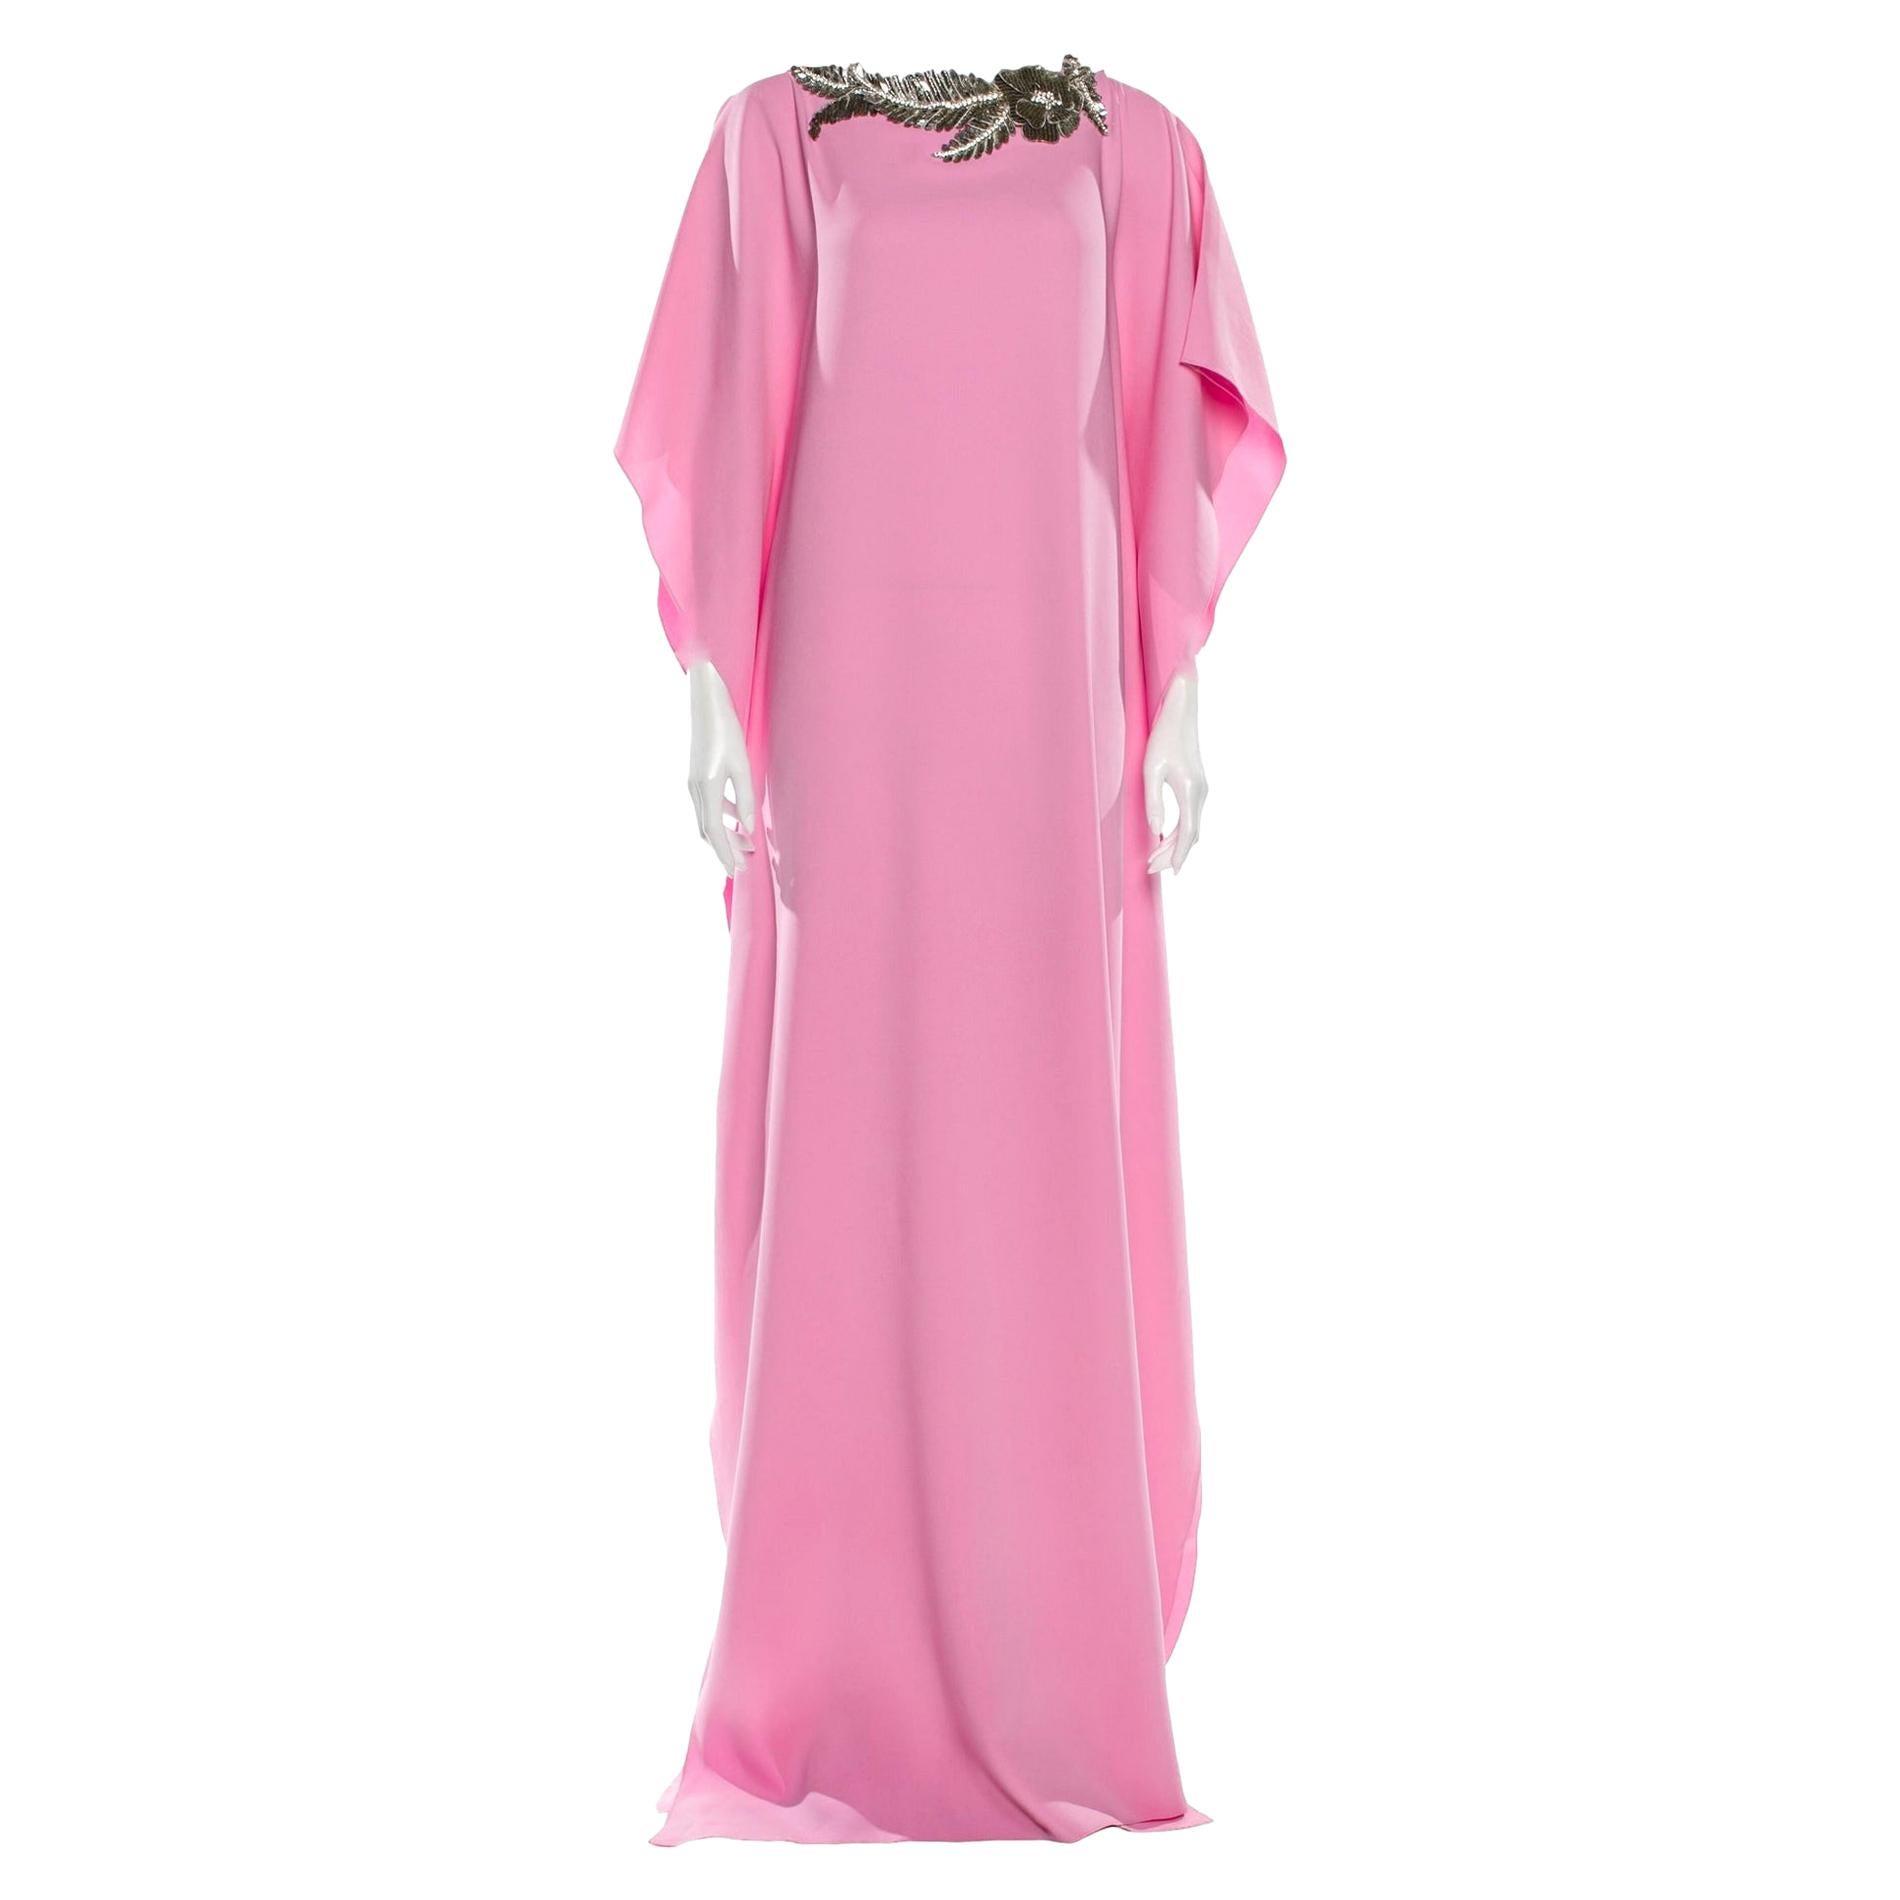 New Oscar De La Renta 2020 Pink Silk Jeweled Caftan Kaftan Dress $4090 W Tags S